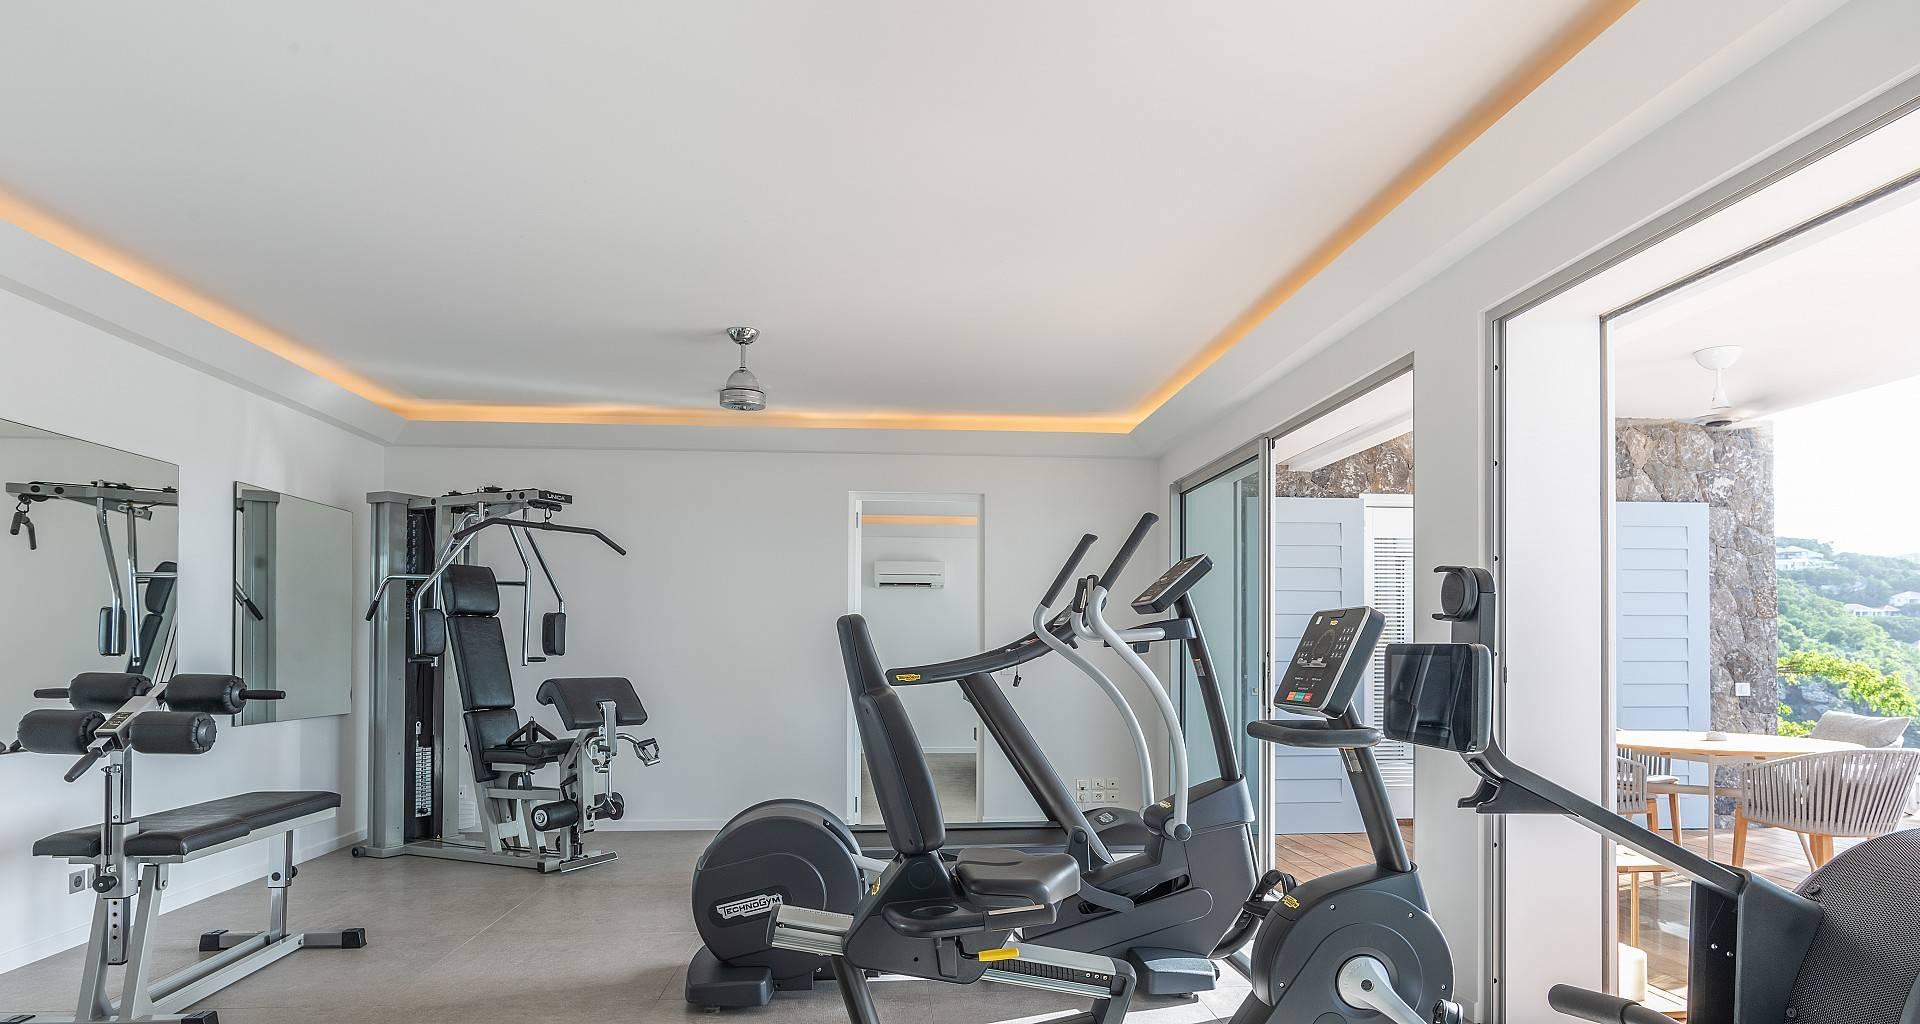 Villa Coco Fitness Room